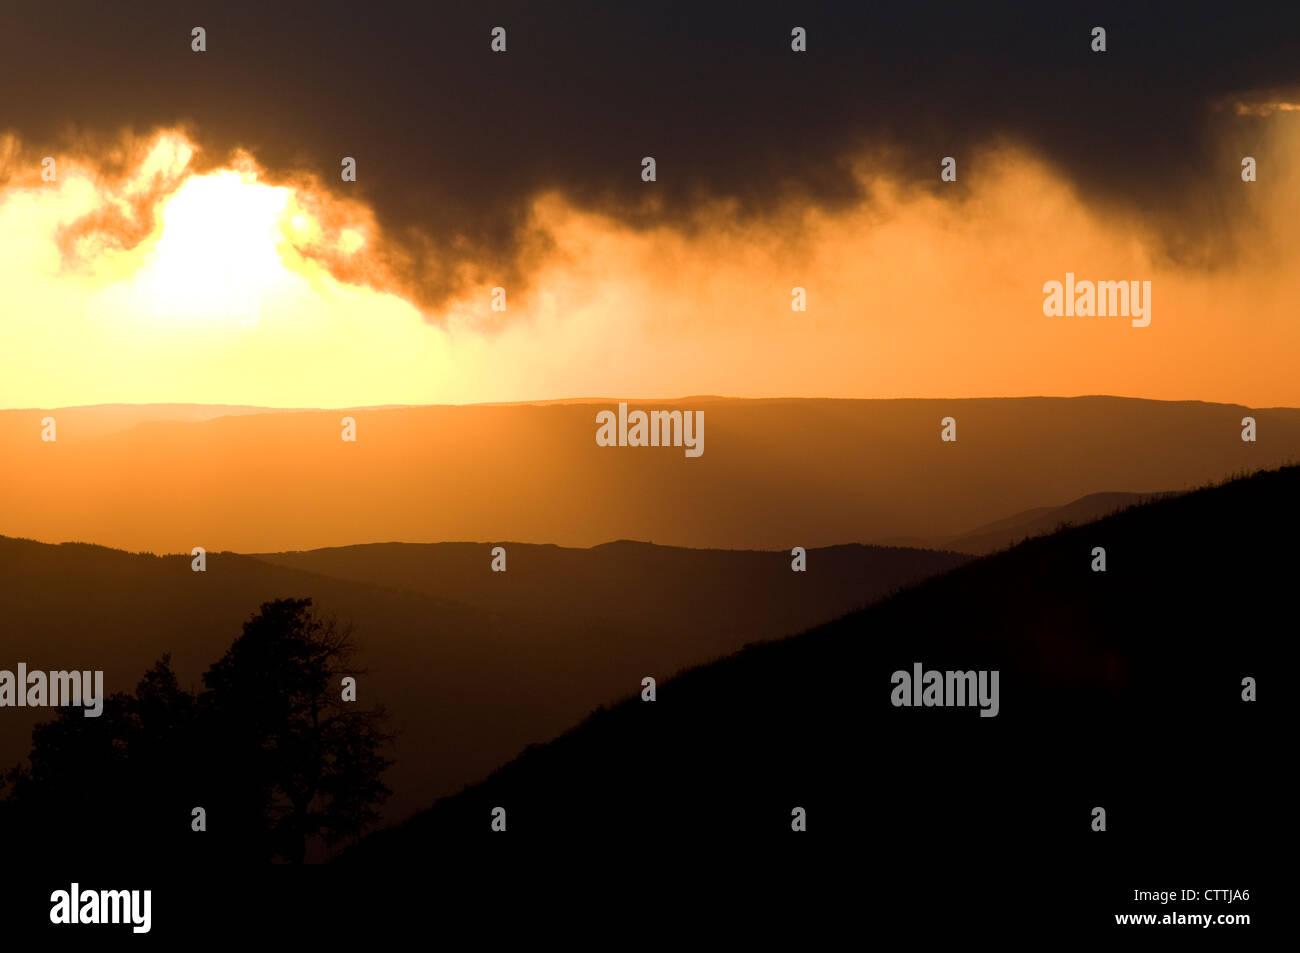 Sonnenuntergang von der Spitze des Vail Mountain, Vail Colorado, USA, Spätsommer Stockbild